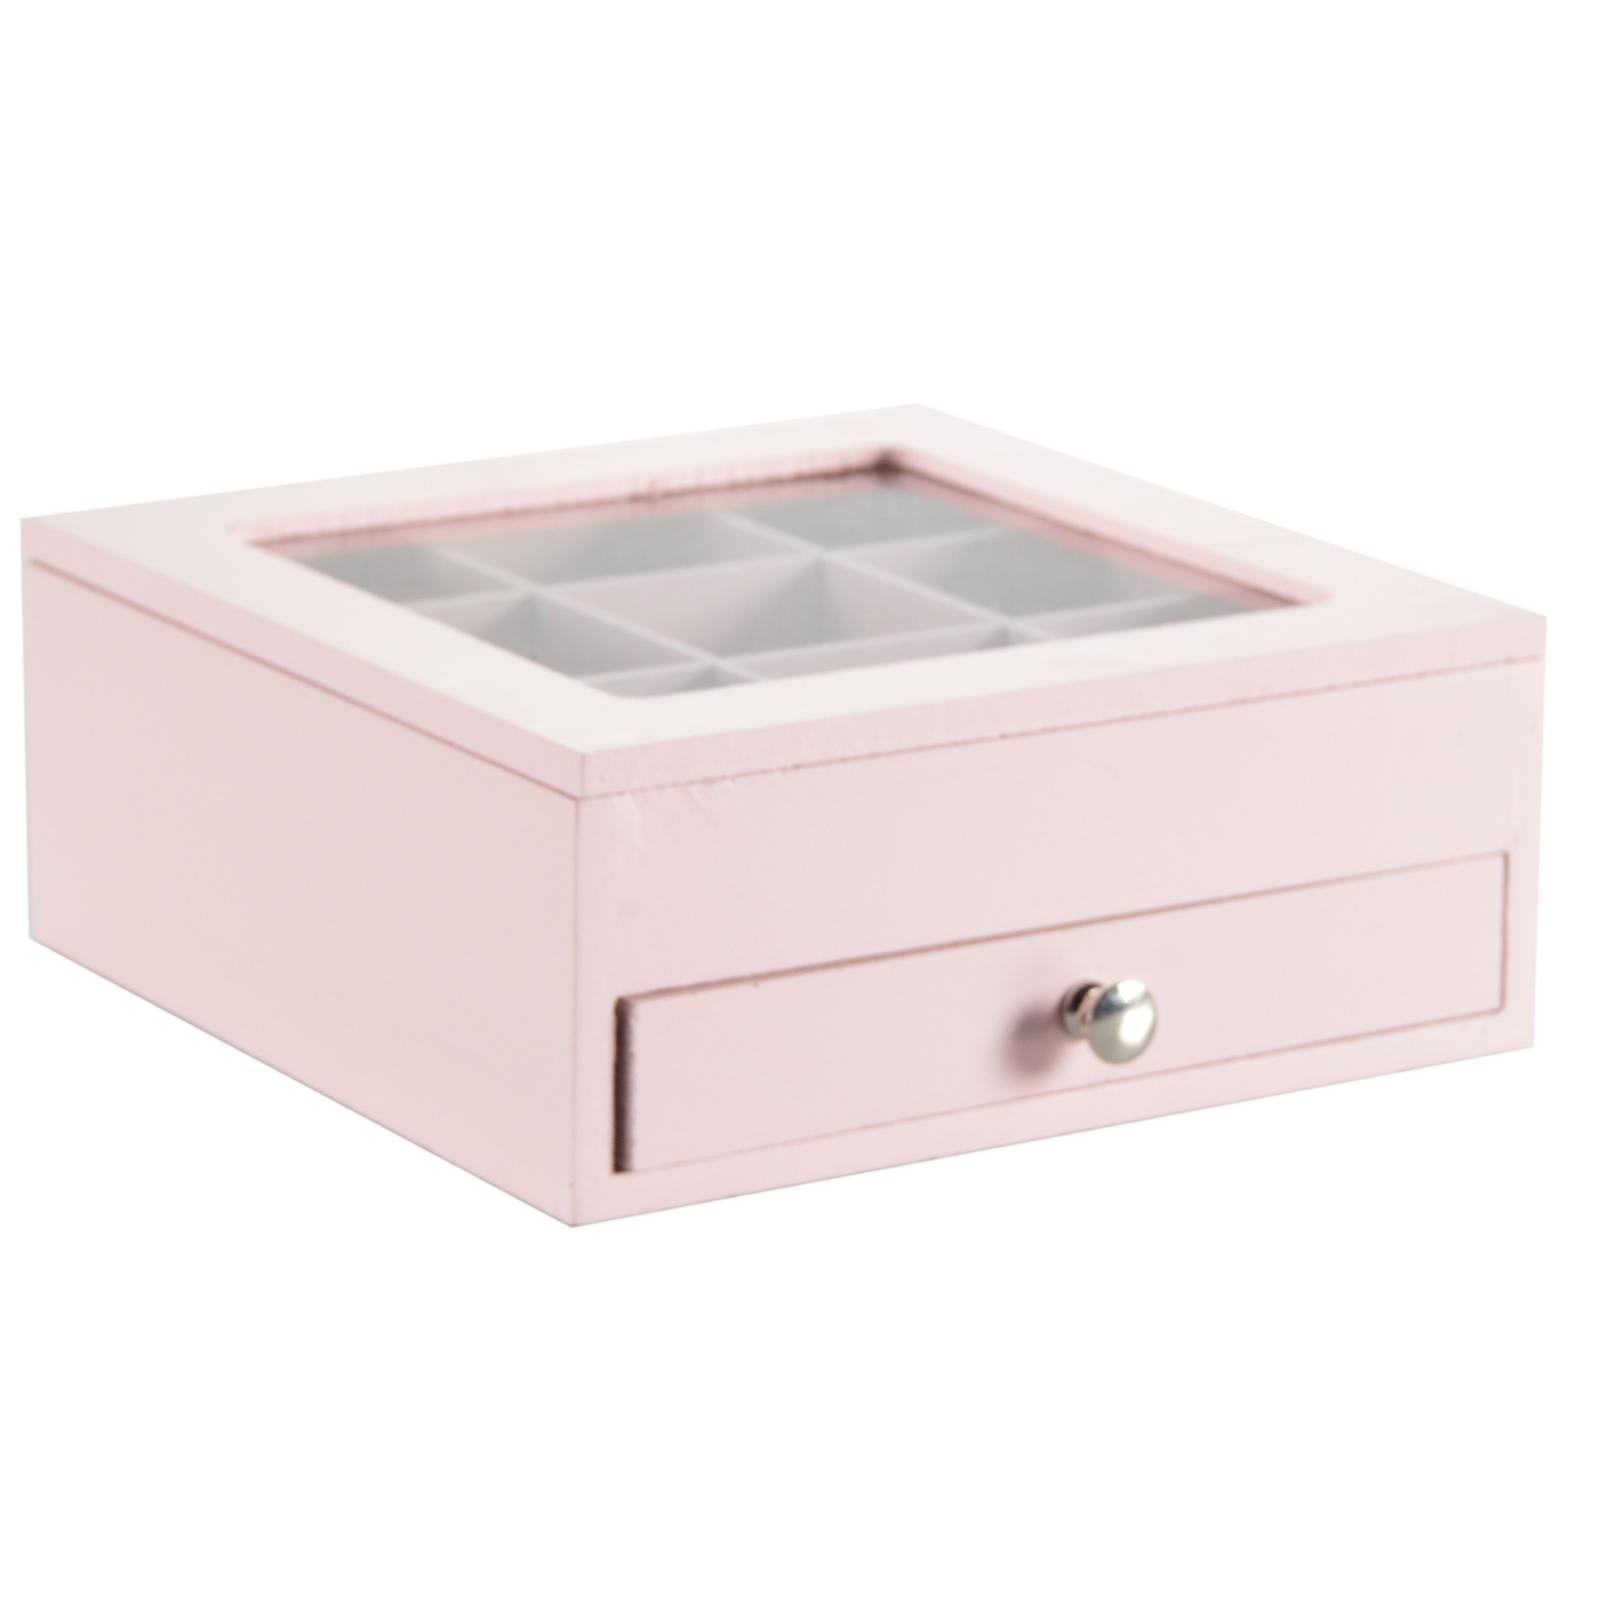 aufbewahrungsbox curse schmuckbox schmuckkasten schmuckschatulle holz glas. Black Bedroom Furniture Sets. Home Design Ideas